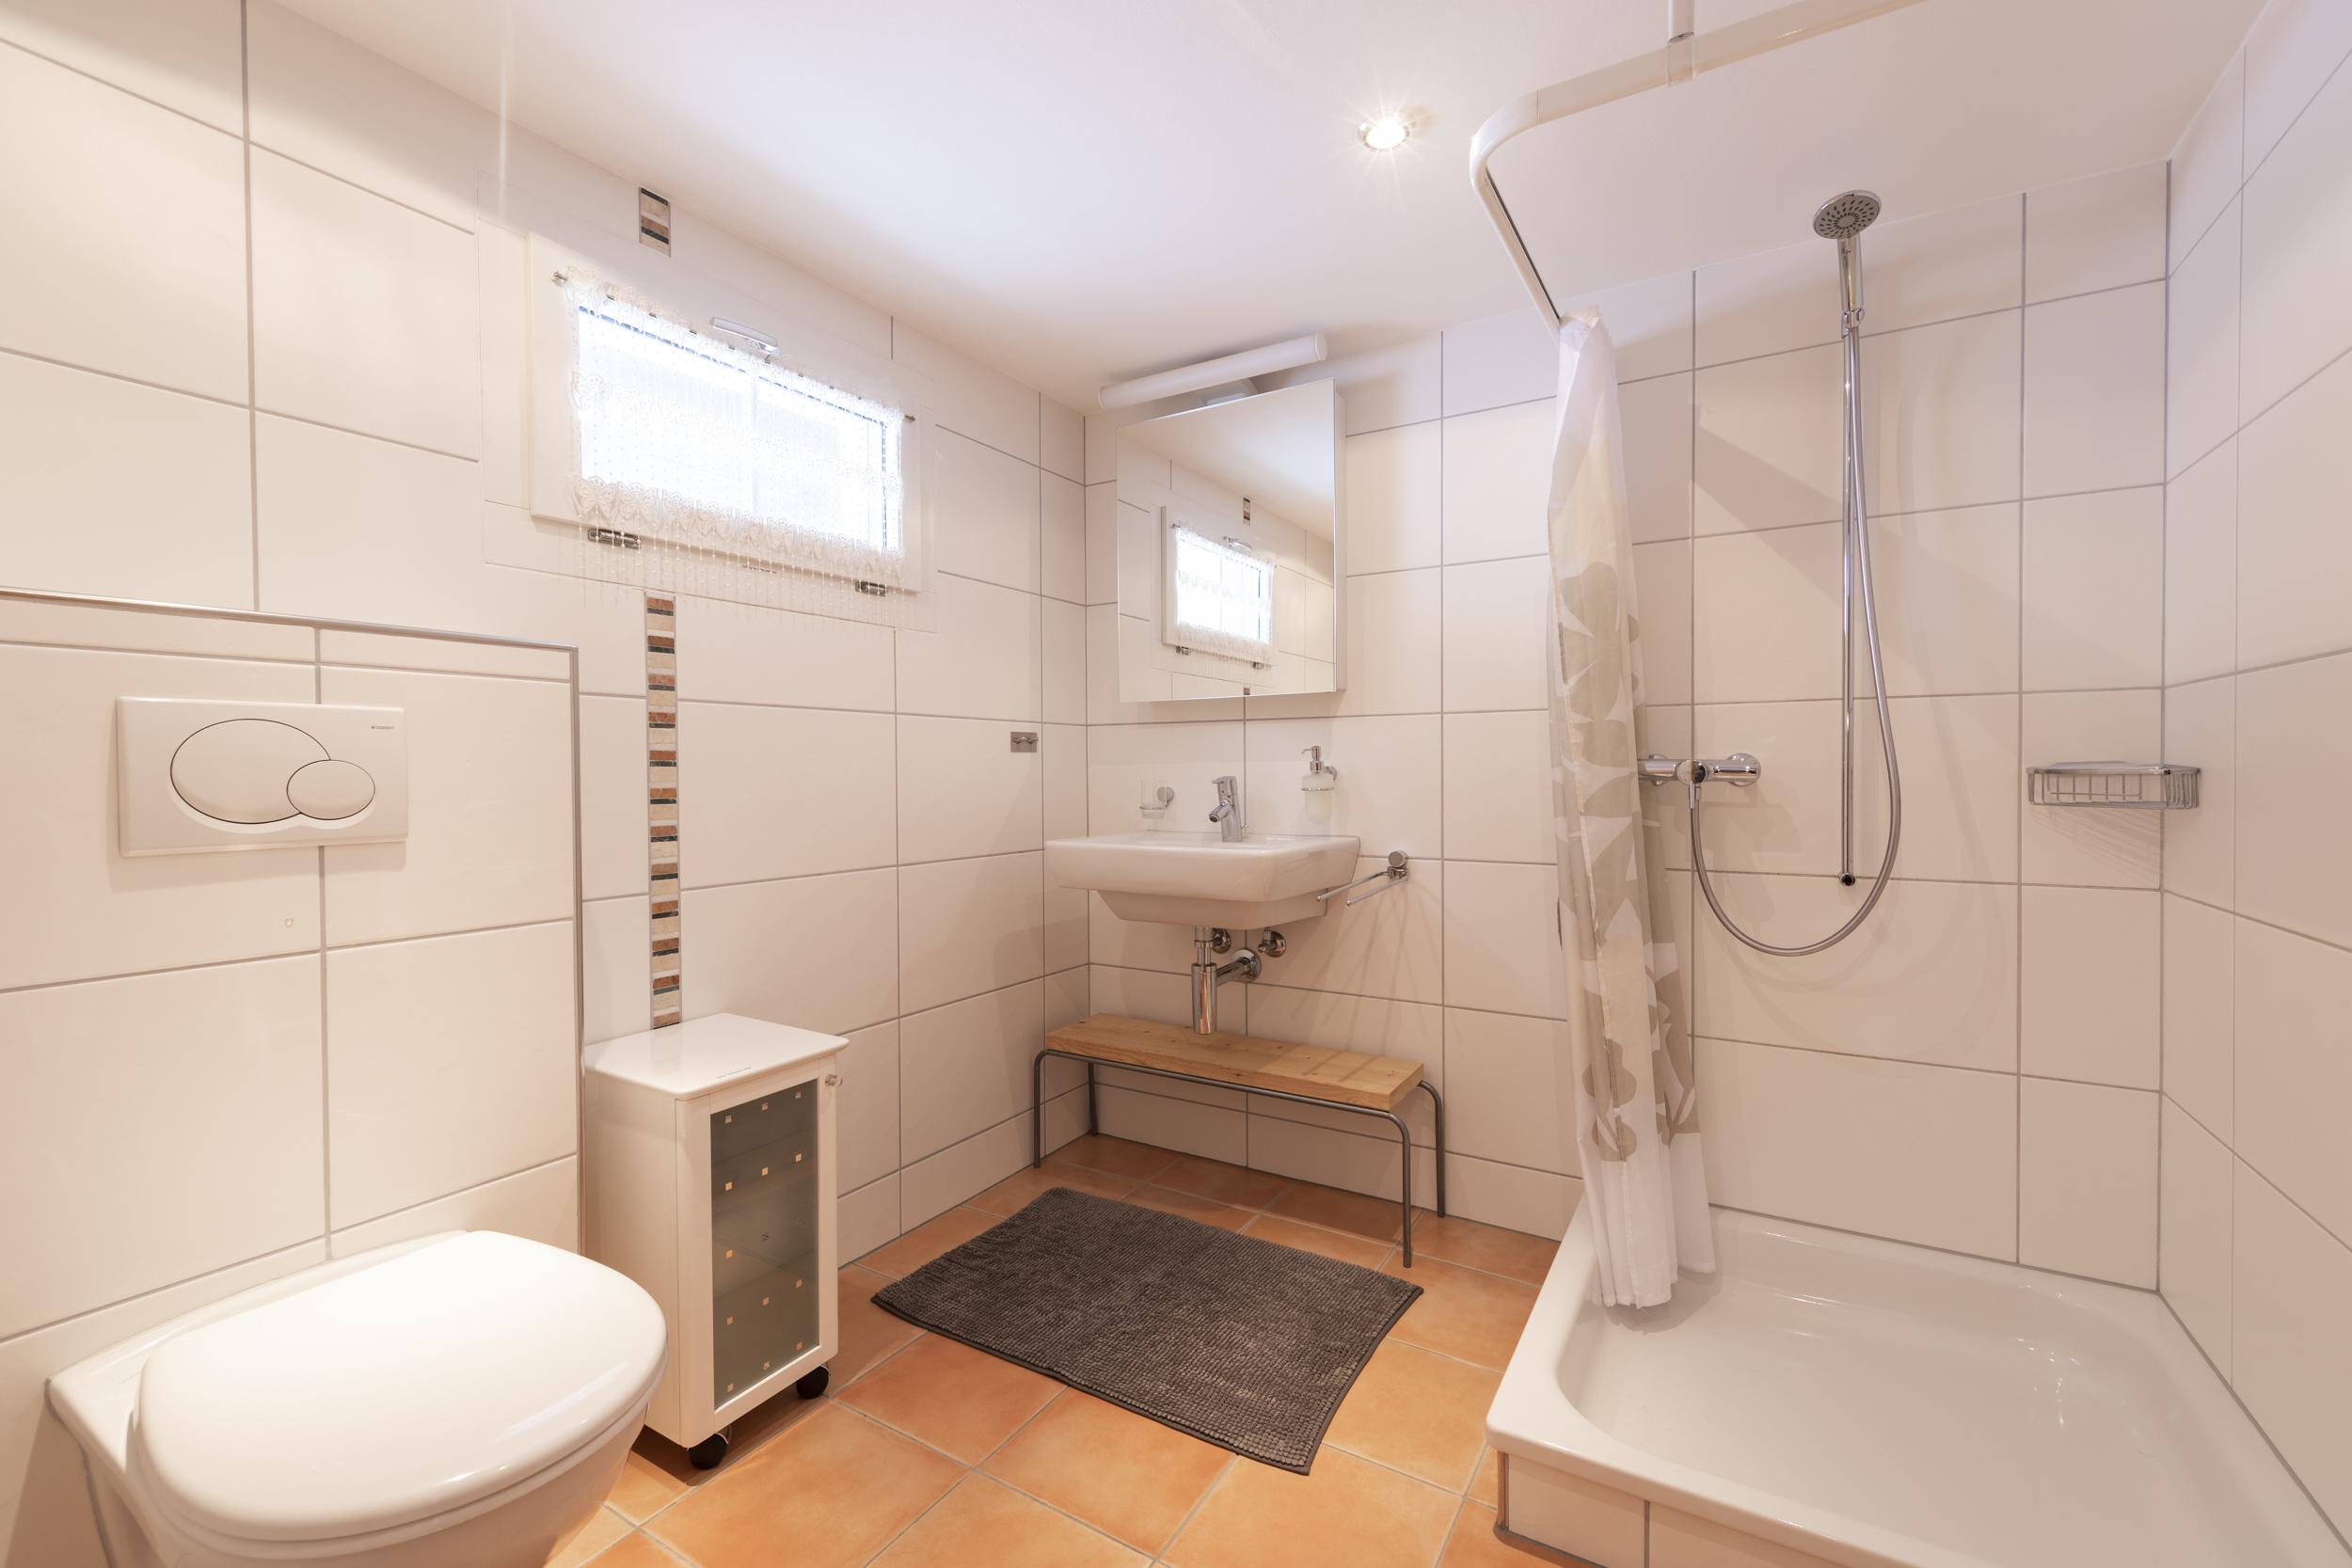 Badezimmer mit WC, Lavabo und Dusche